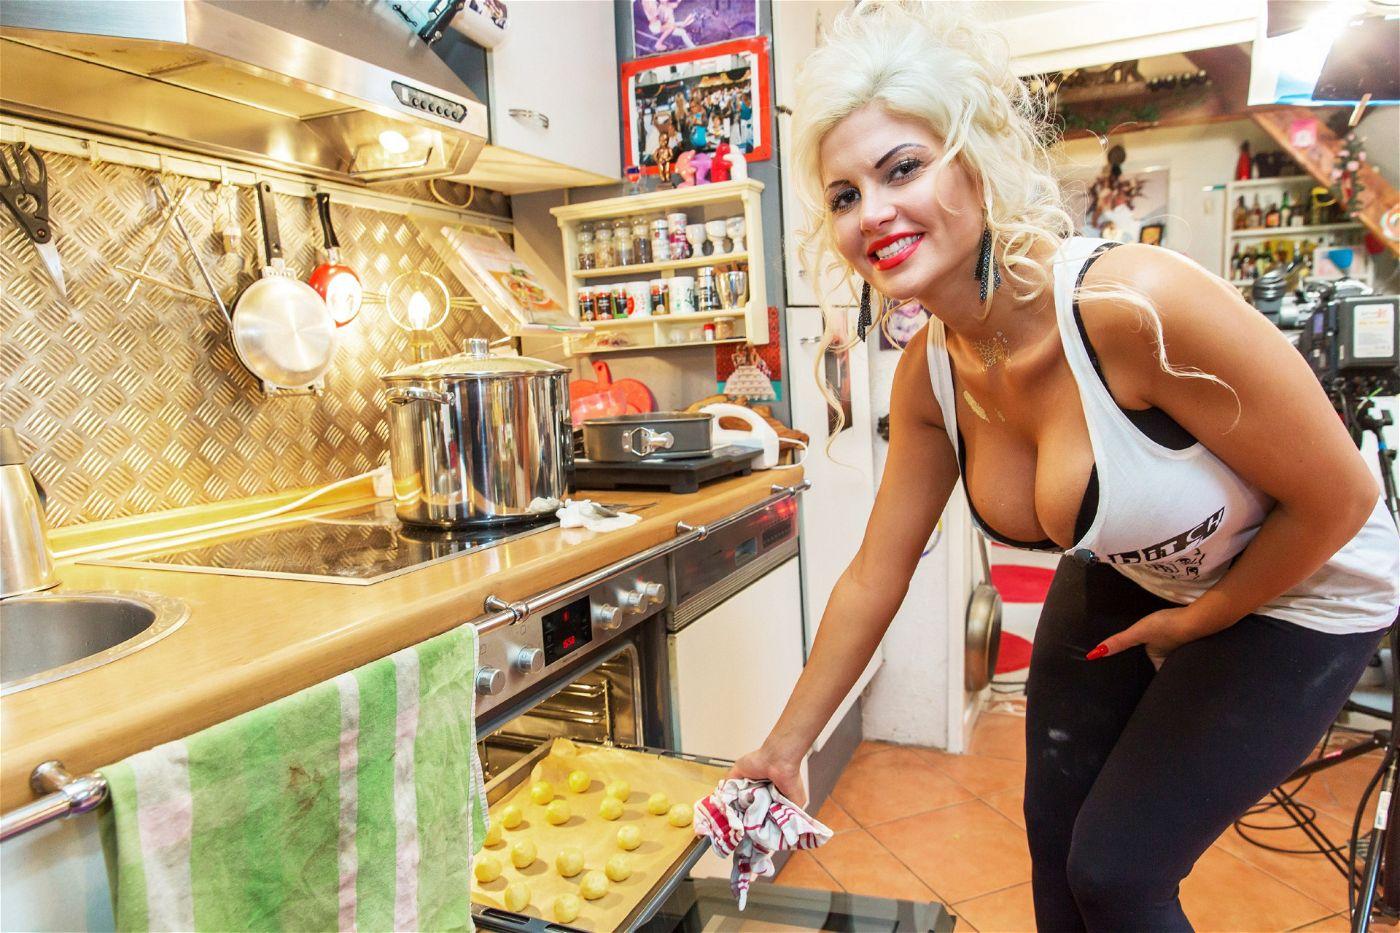 """""""Ich liebe Backen und Kochen und möchte meine Gäste verwöhnen, so wie ich meinen Mann immer verwöhne"""", sagte Sophia Wollersheim."""